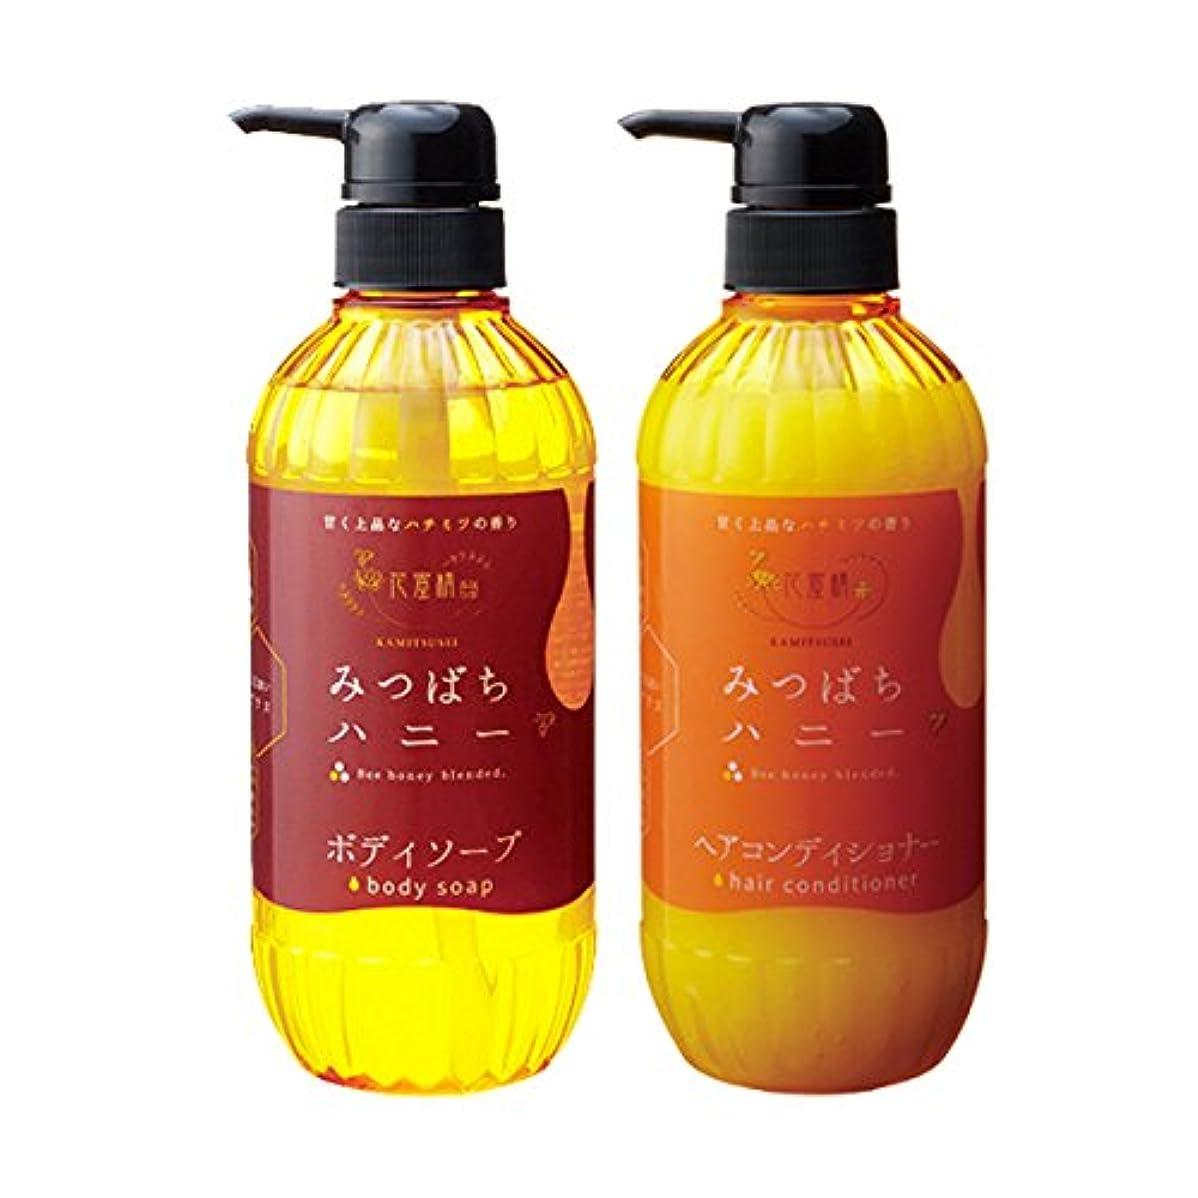 添加剤現代のコンベンション花蜜精 みつばちハニー シャンプー&ヘアコンディショナー 各500ml